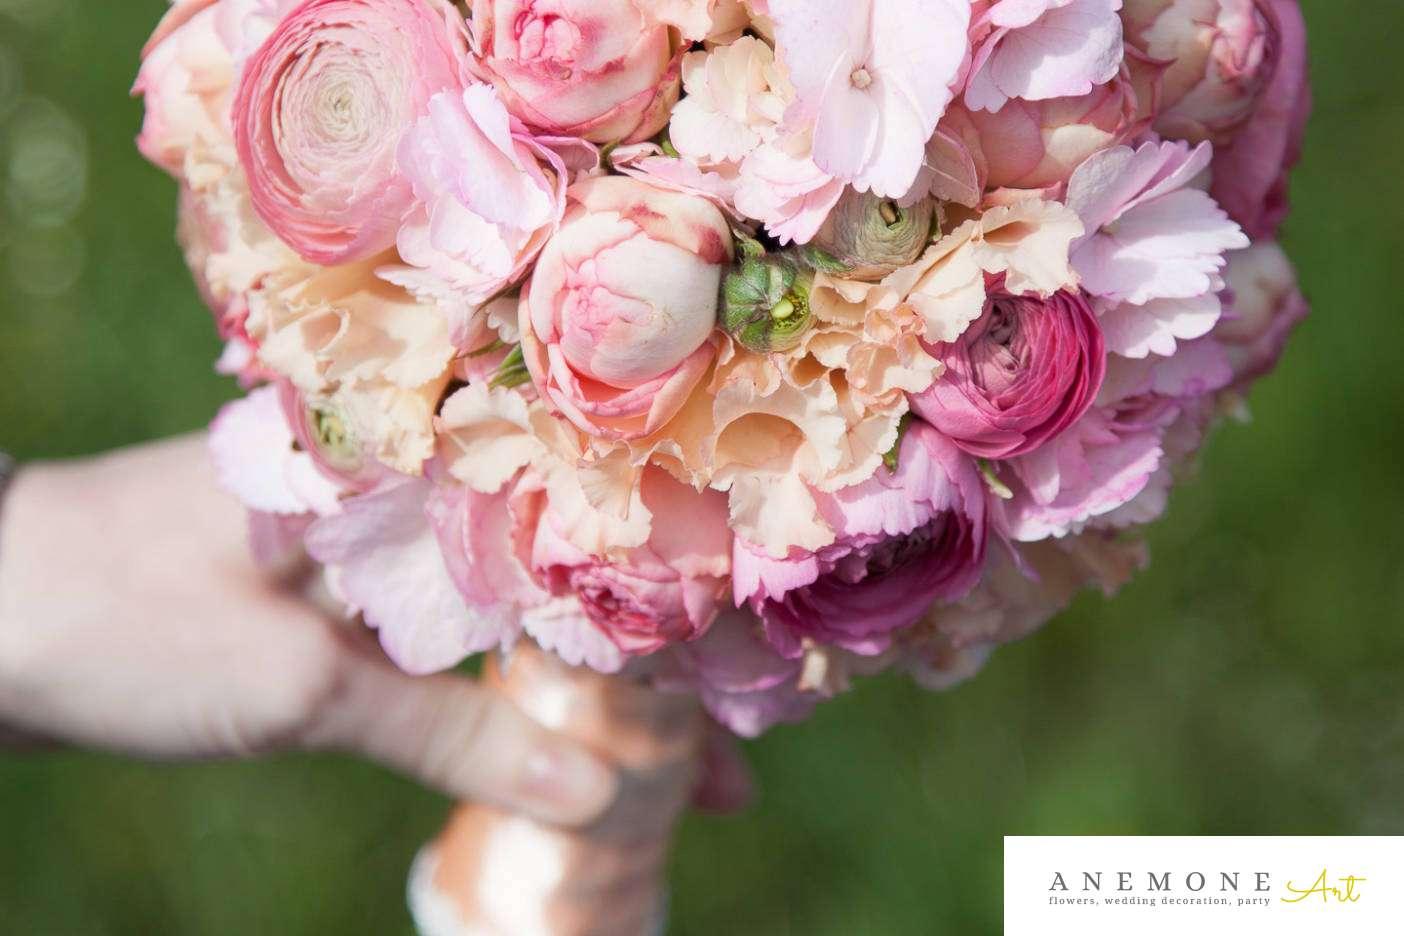 Poza, foto cu Flori de nunta buchet mireasa, glob, hortensia, ranunculus, roz, trandafiri englezesti in Arad, Timisoara, Oradea (wedding flowers, bouquets) nunta Arad, Timisoara, Oradea